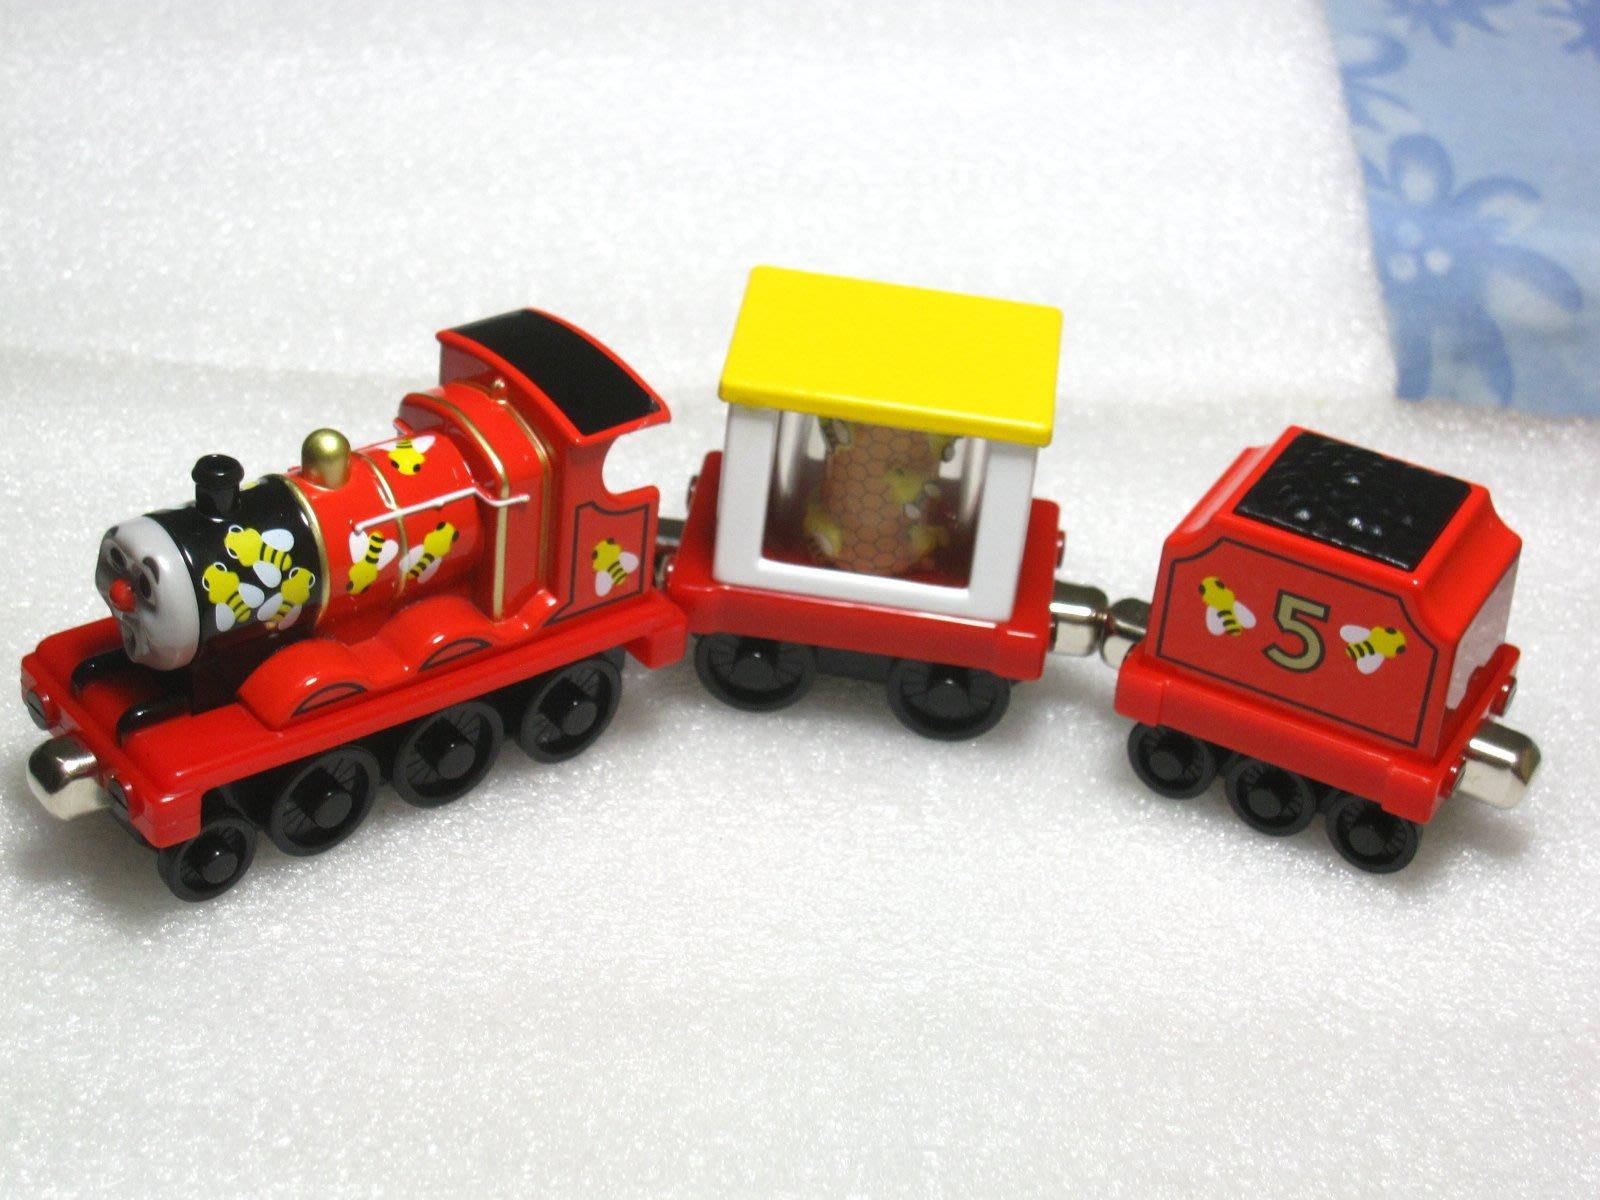 愛卡的玩具屋㊣ 美泰出品正版 湯瑪士 合金小火車 /合金玩具/ 磁性火車 /詹姆士james蜜蜂版